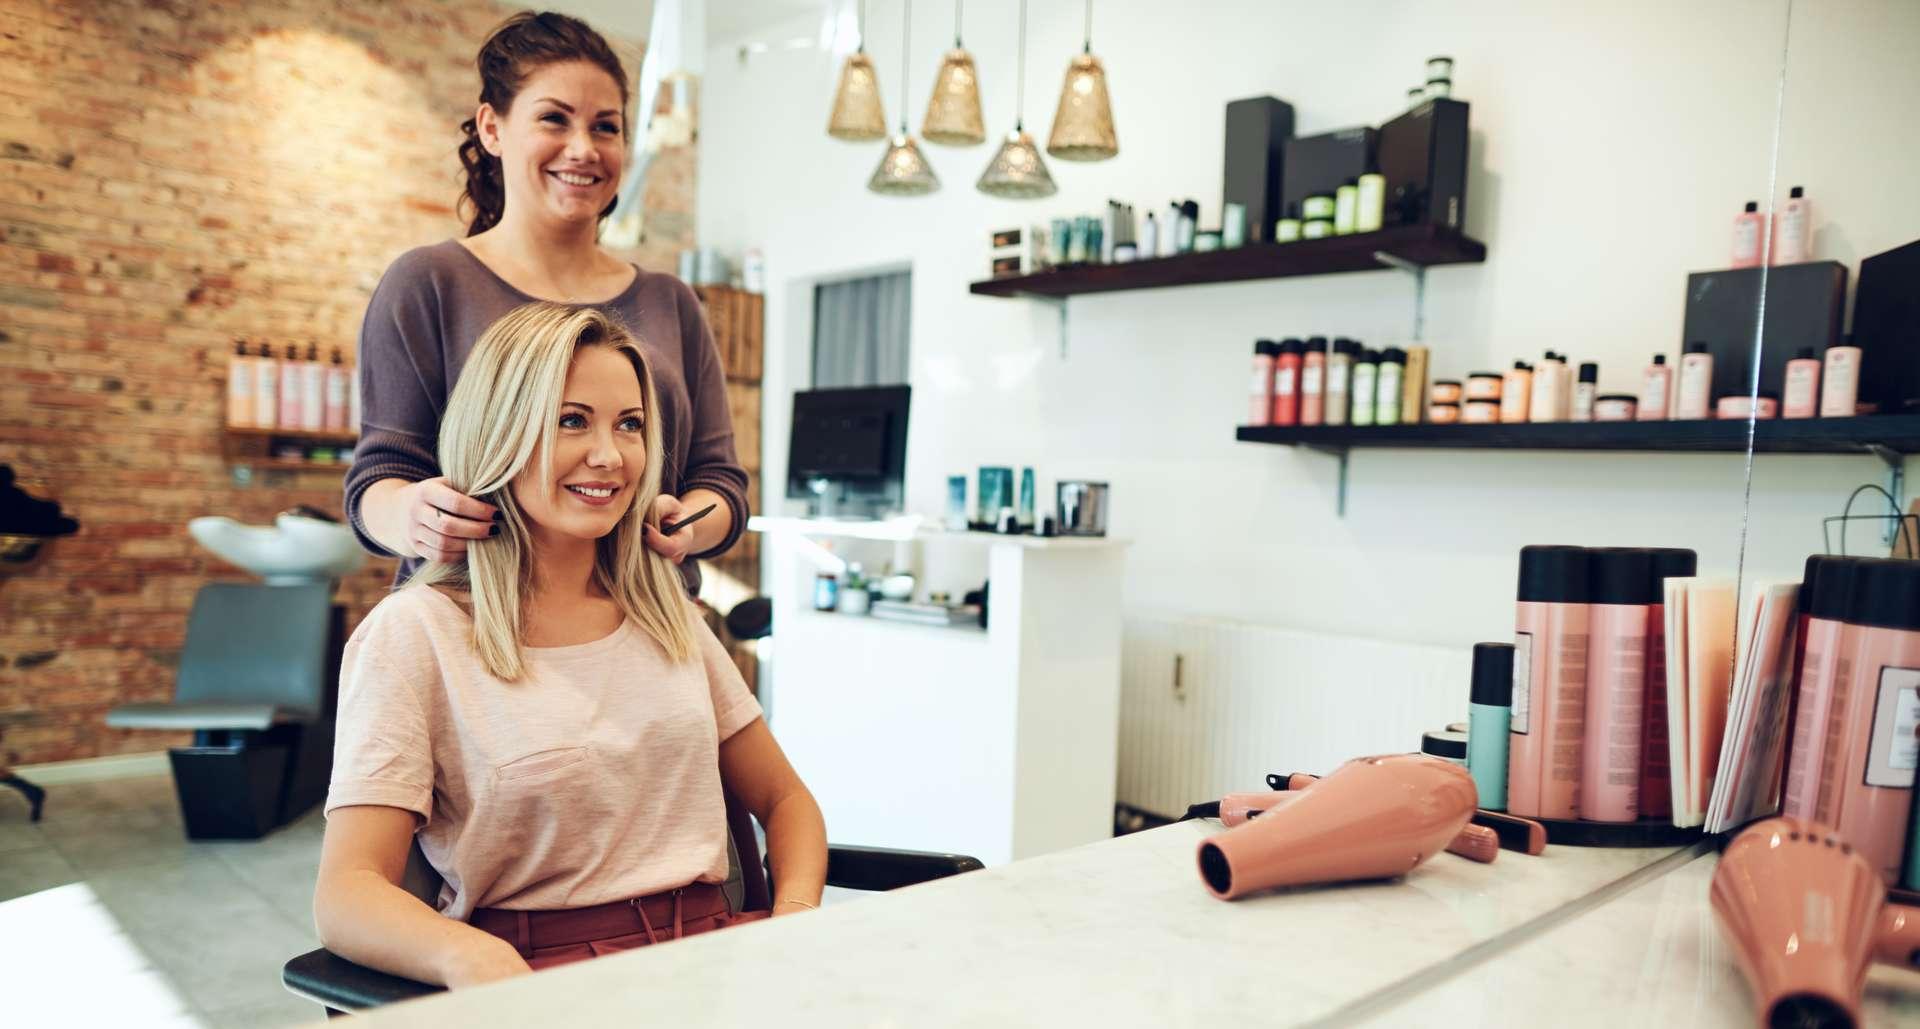 Jenis Promo Salon yang Efektif untuk Bisnis Anda, Xperience Team